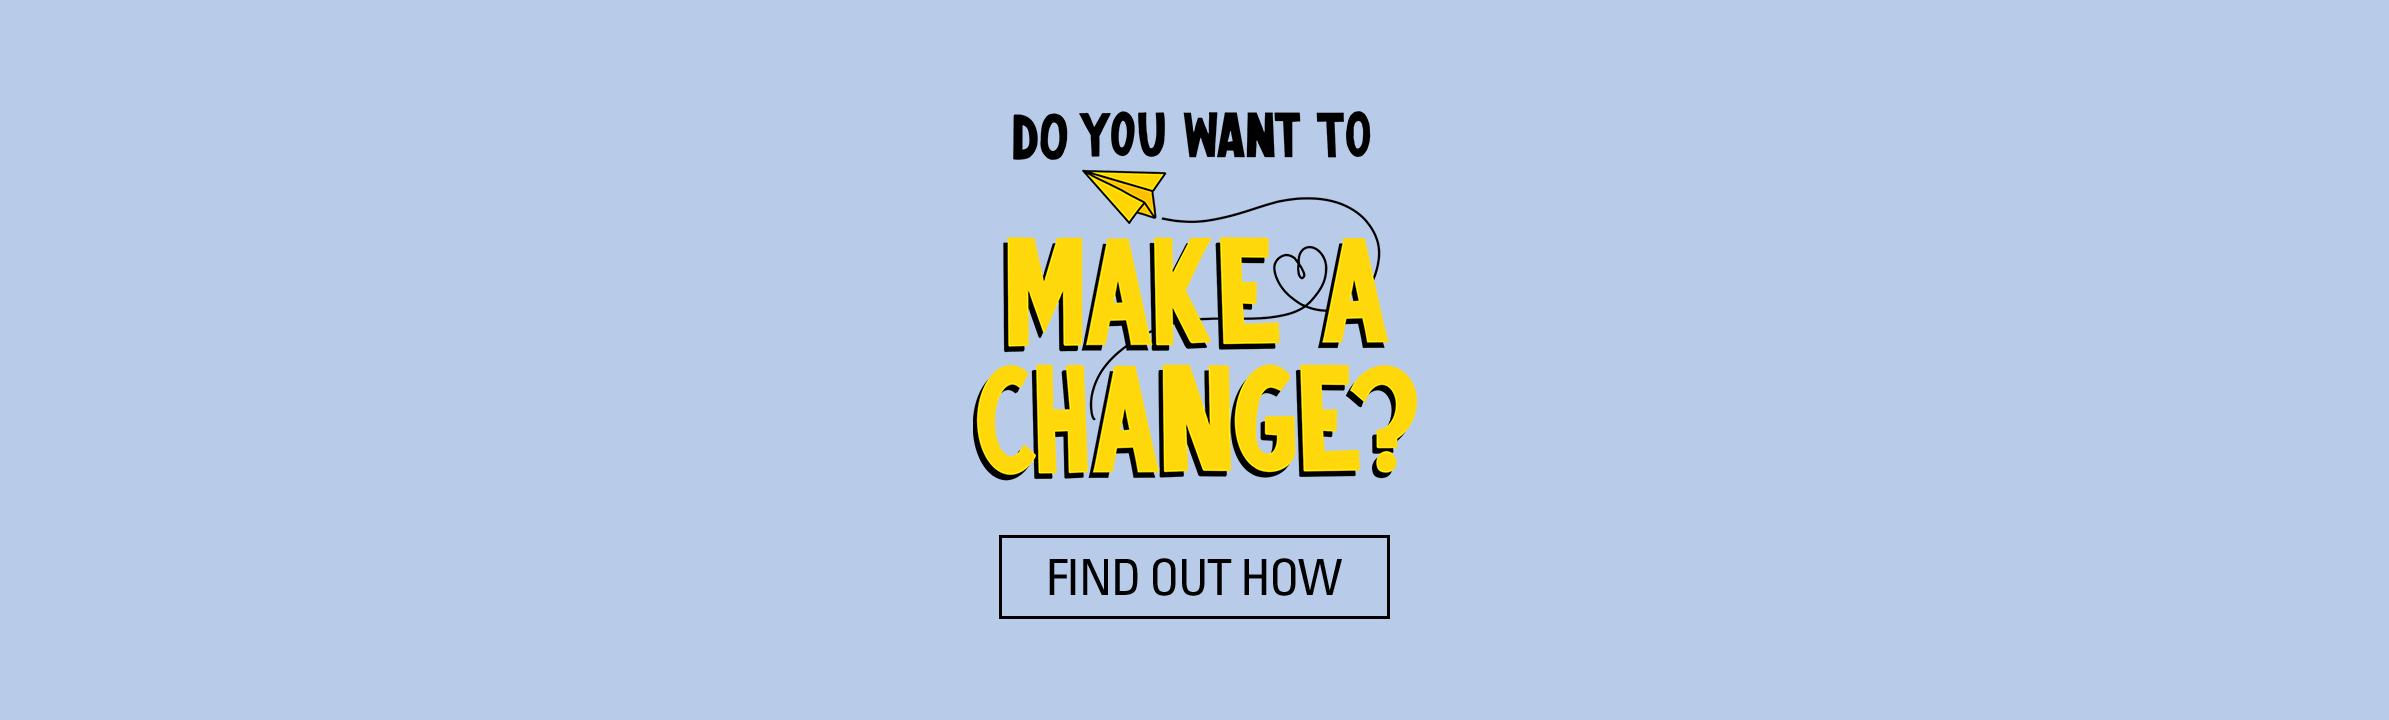 Hp make a change